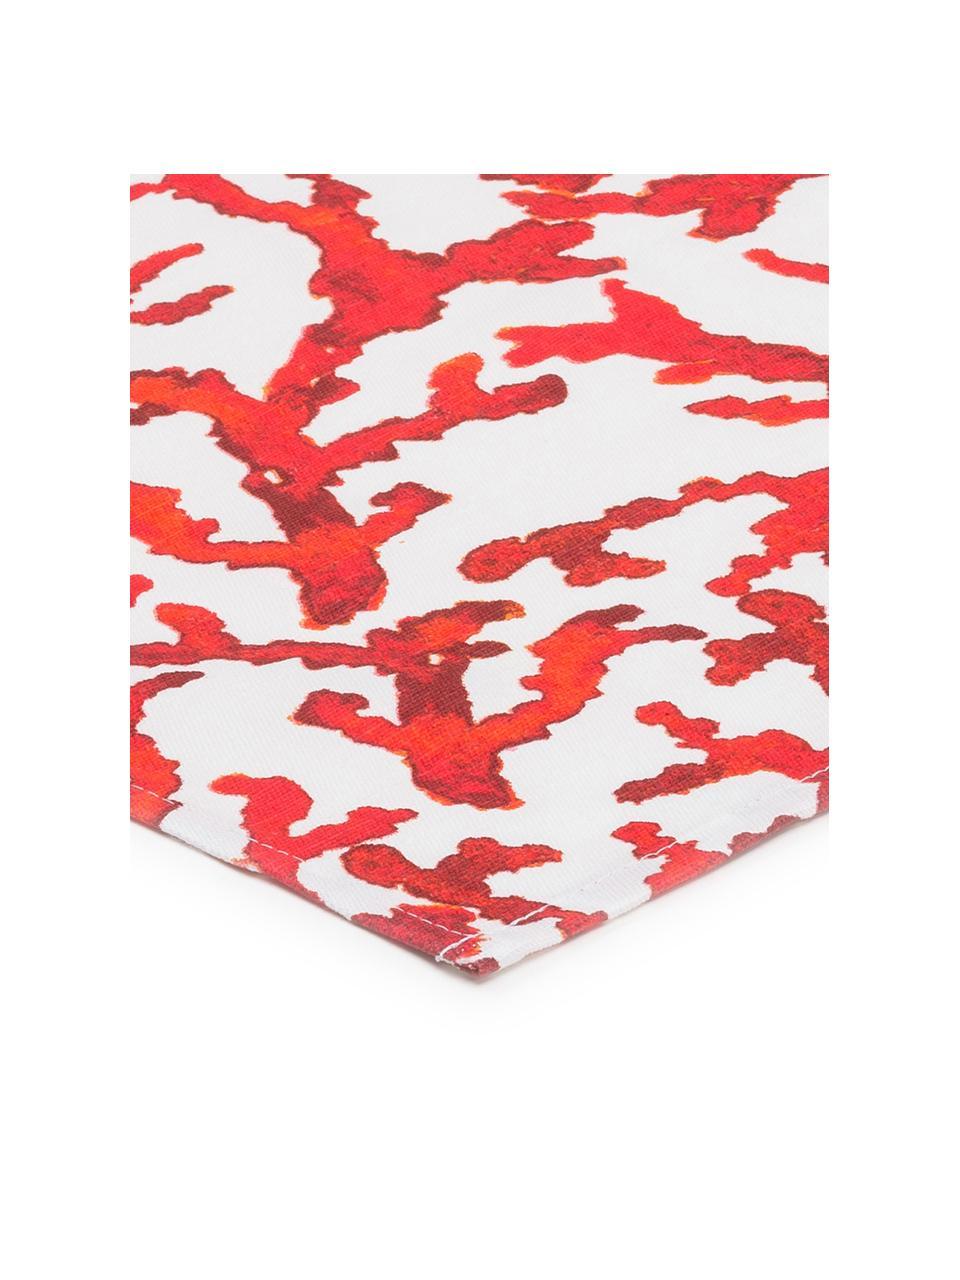 Baumwoll-Tischdecke Estran mit Korallenprint, Baumwolle, Rot, Weiß, Für 4 - 6 Personen (B 160 x L 160 cm)